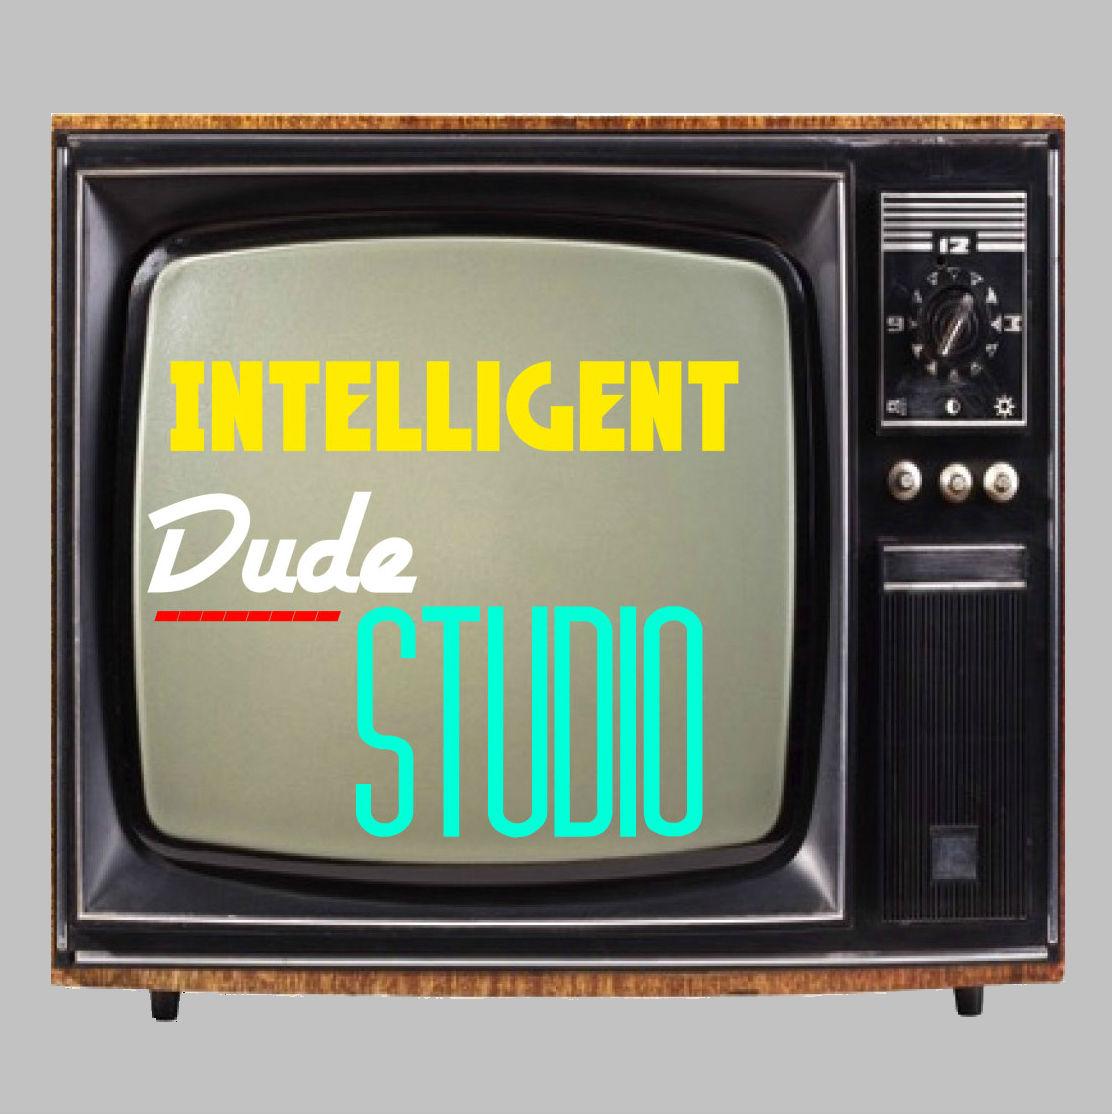 Avatar - Intelligent Dude Studio